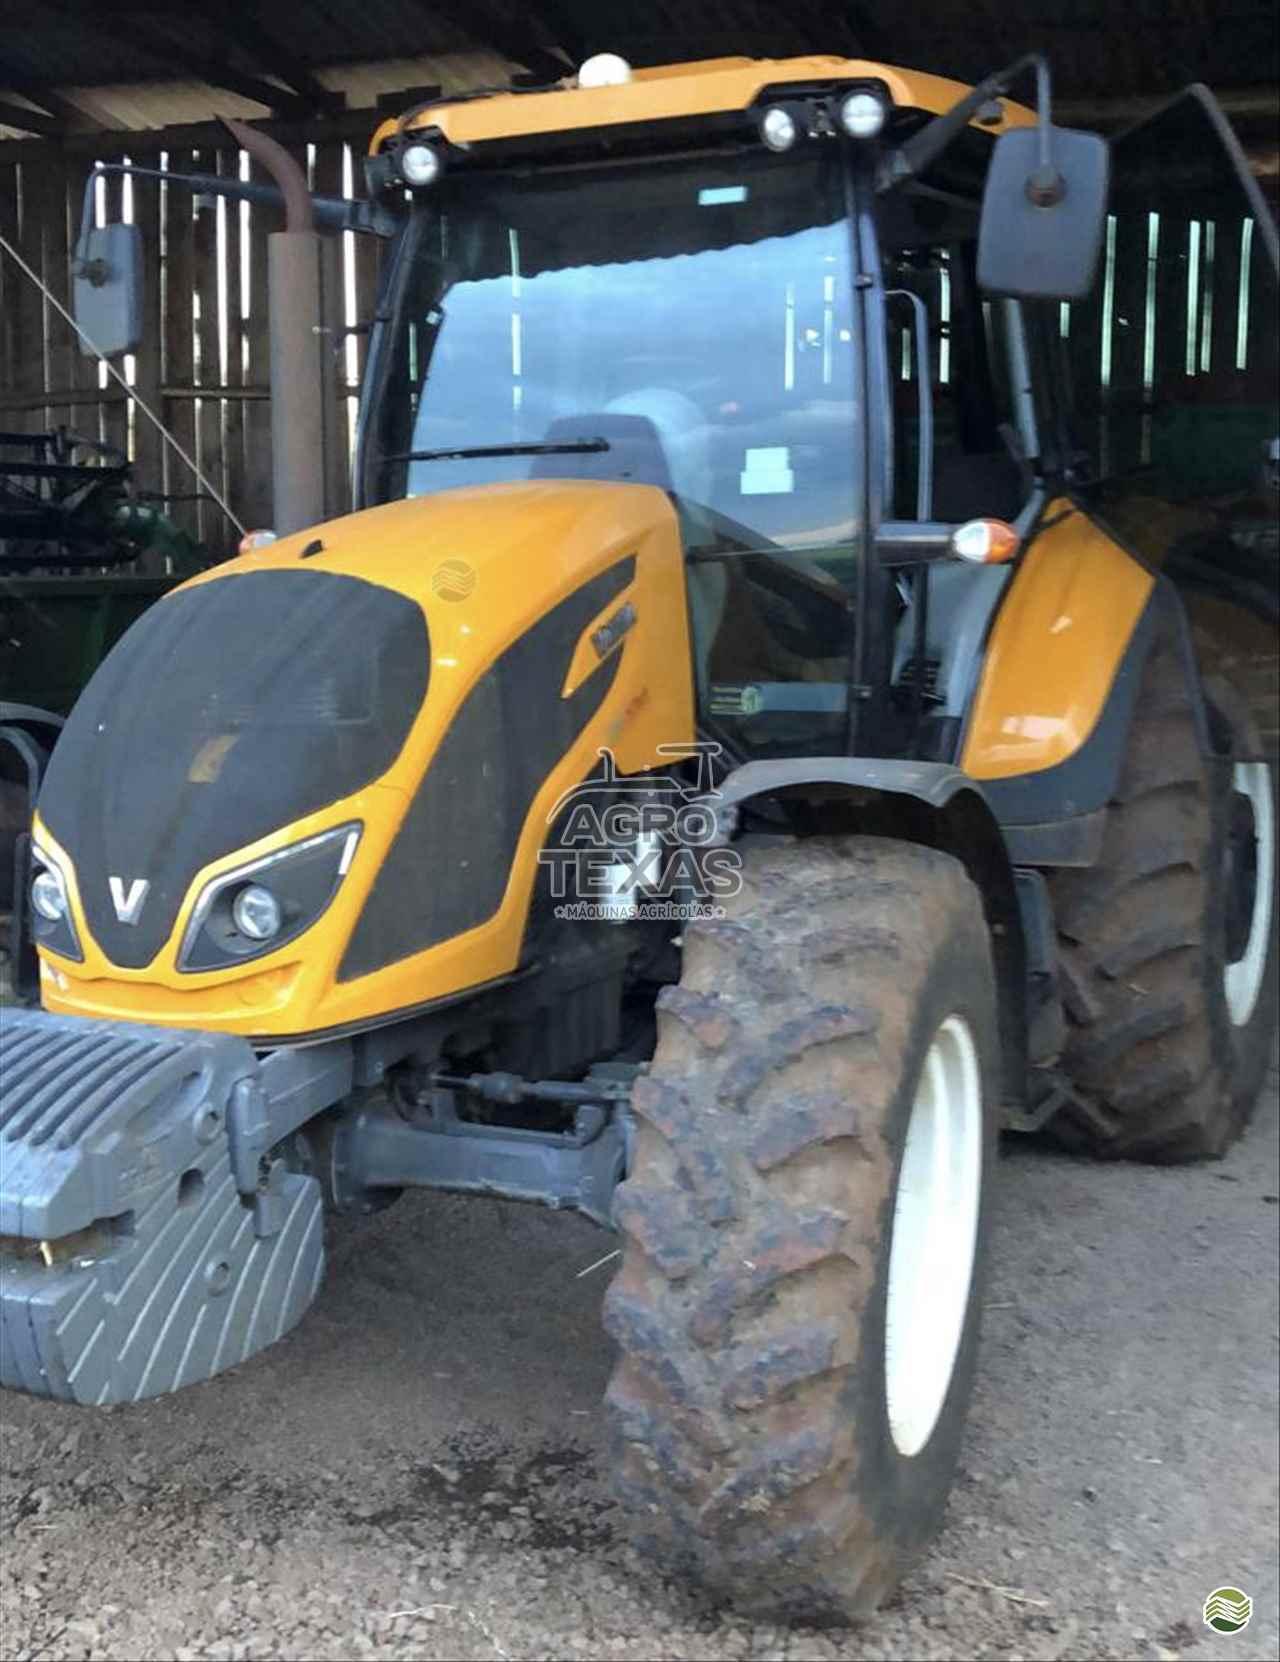 TRATOR VALTRA VALTRA A134 Tração 4x4 Agro Texas Máquinas Agrícolas VITORINO PARANÁ PR